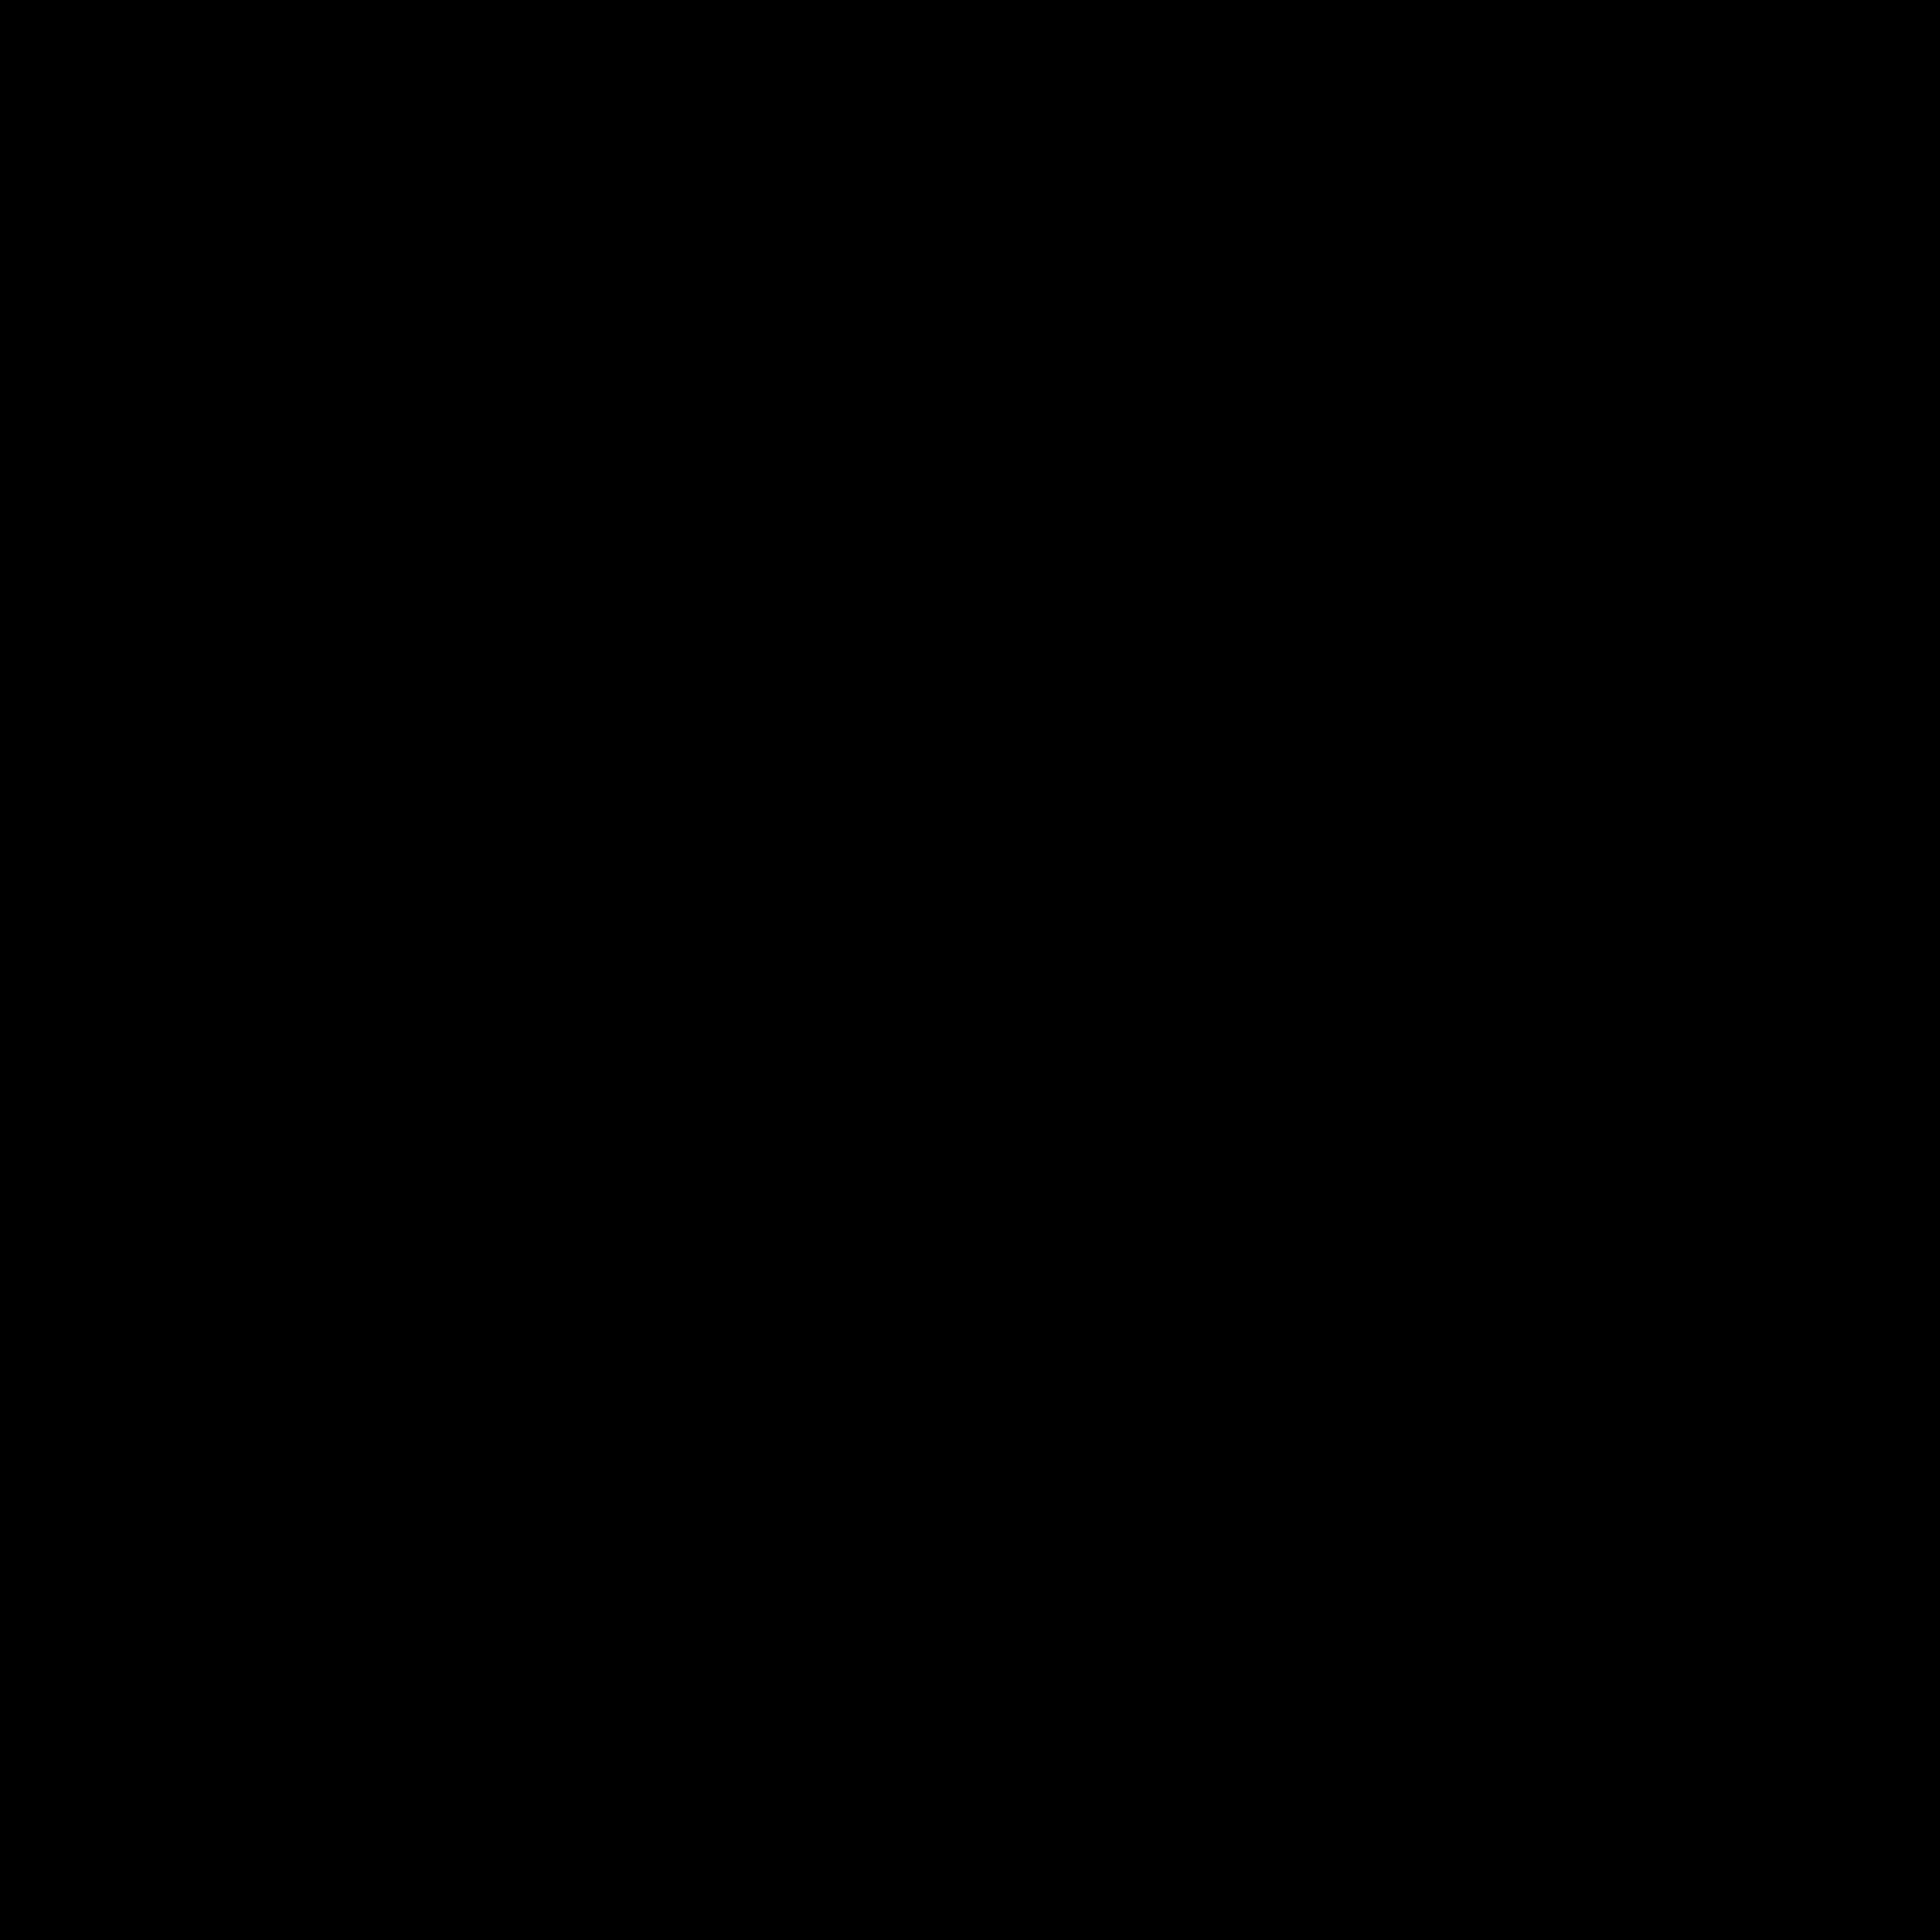 ikke bli scammet